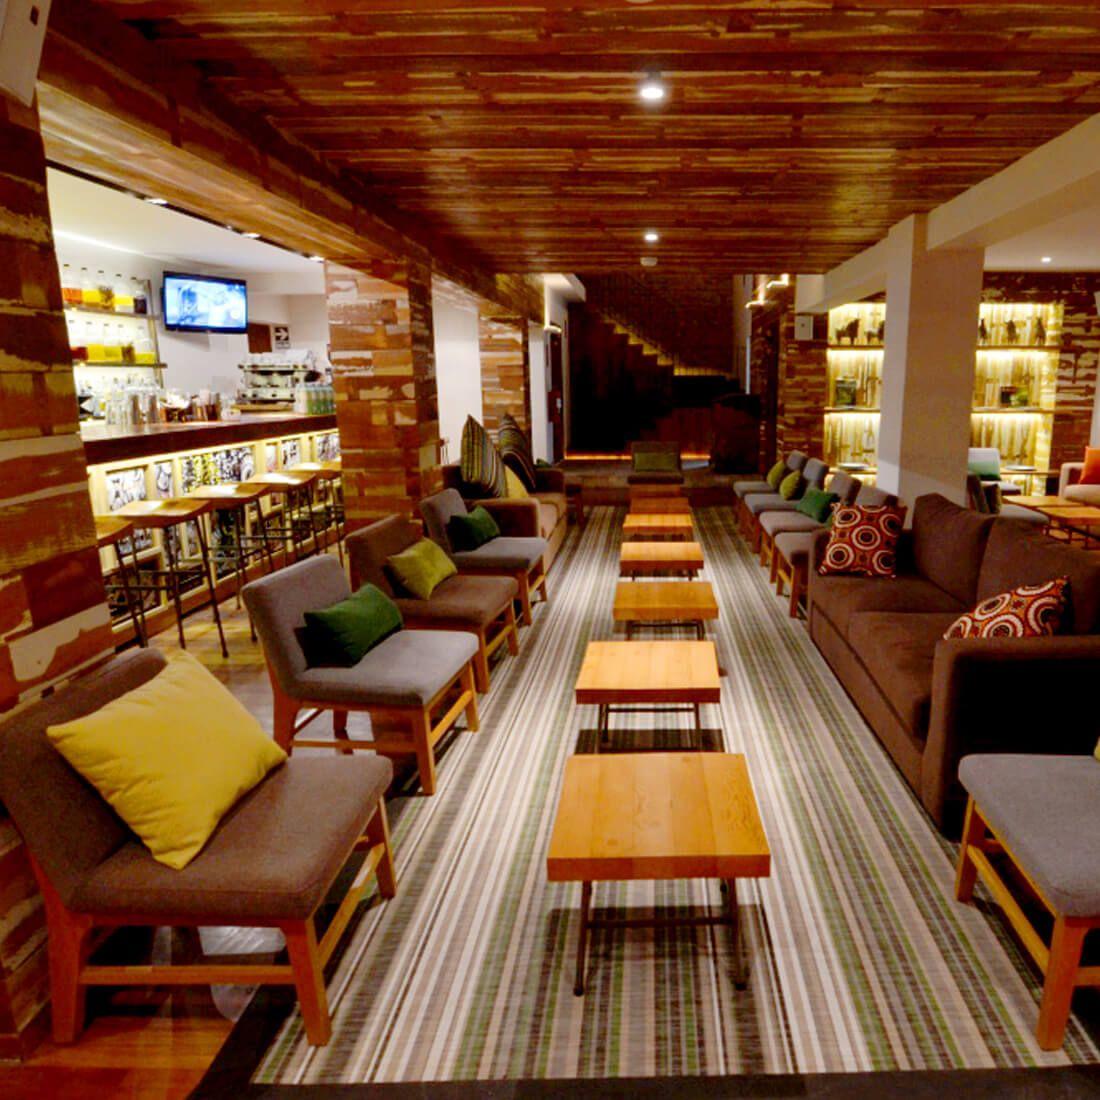 CALLE DEL MEDIO Restaurante - Reserva y Pide Delivery o Take Out en restaurantes de Comida PERUANA - CRIOLLA - CUSCO - MESA 24/7 | CUSCO - Perú